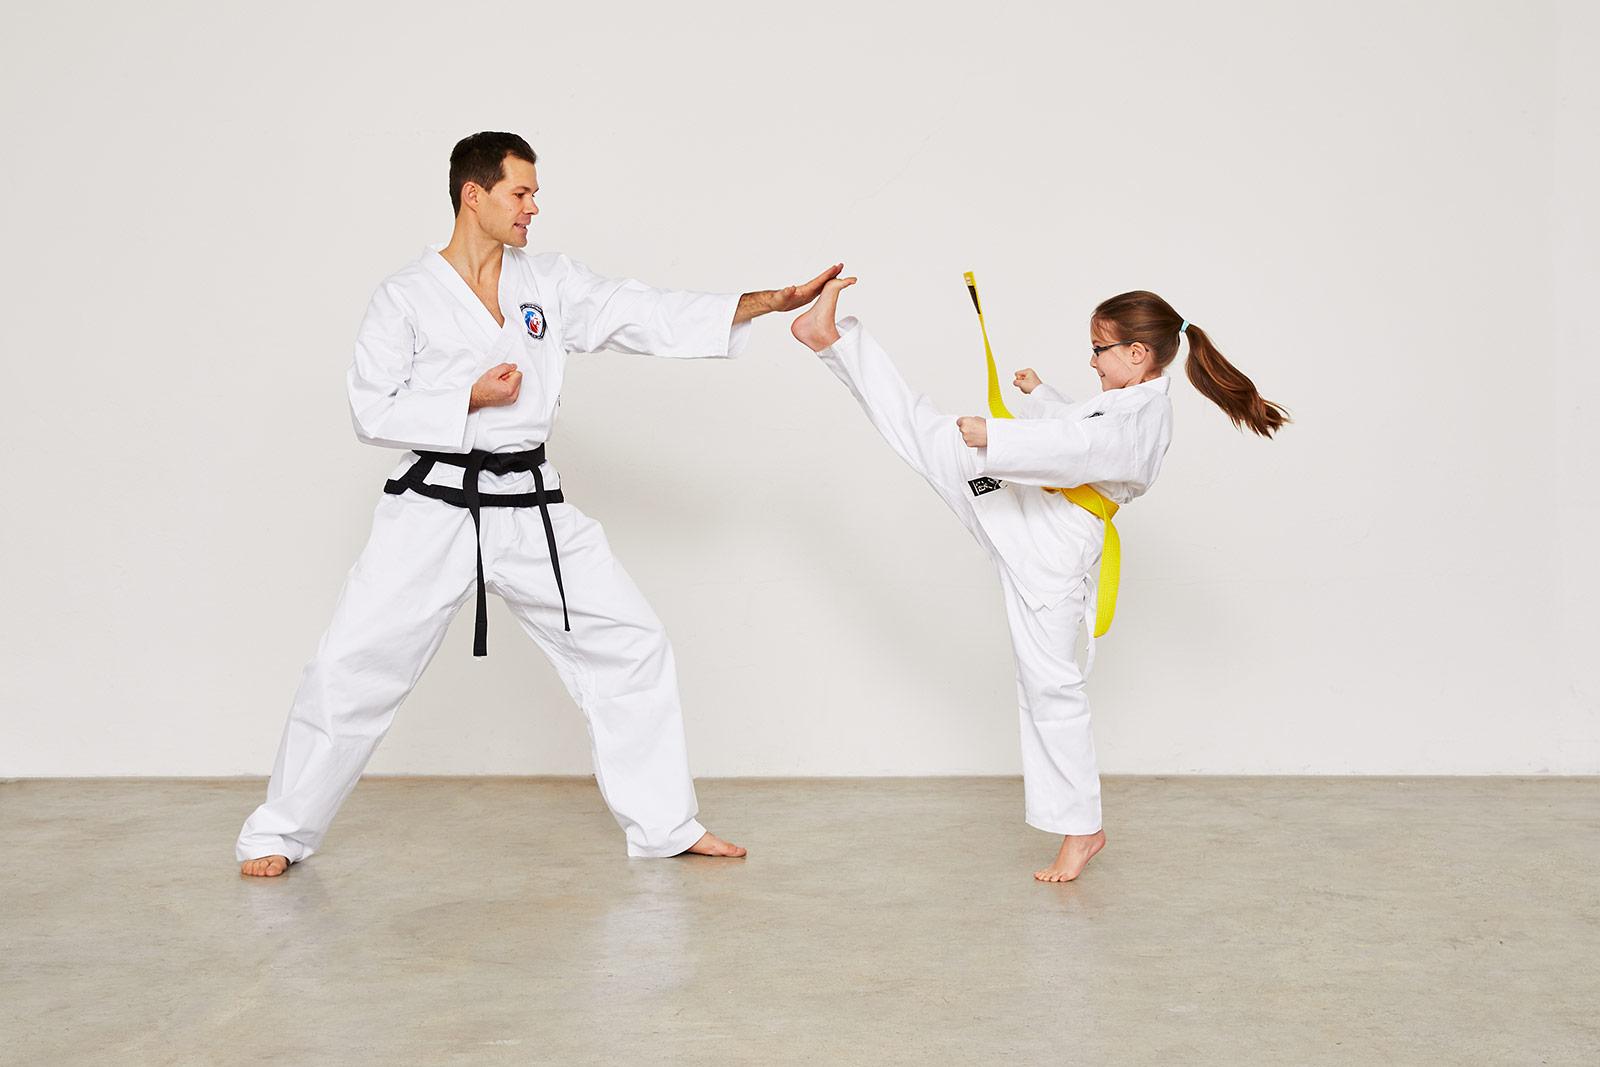 SAJA-Taekwondo-Gelbgurt_Maedchen_Apchagi_01